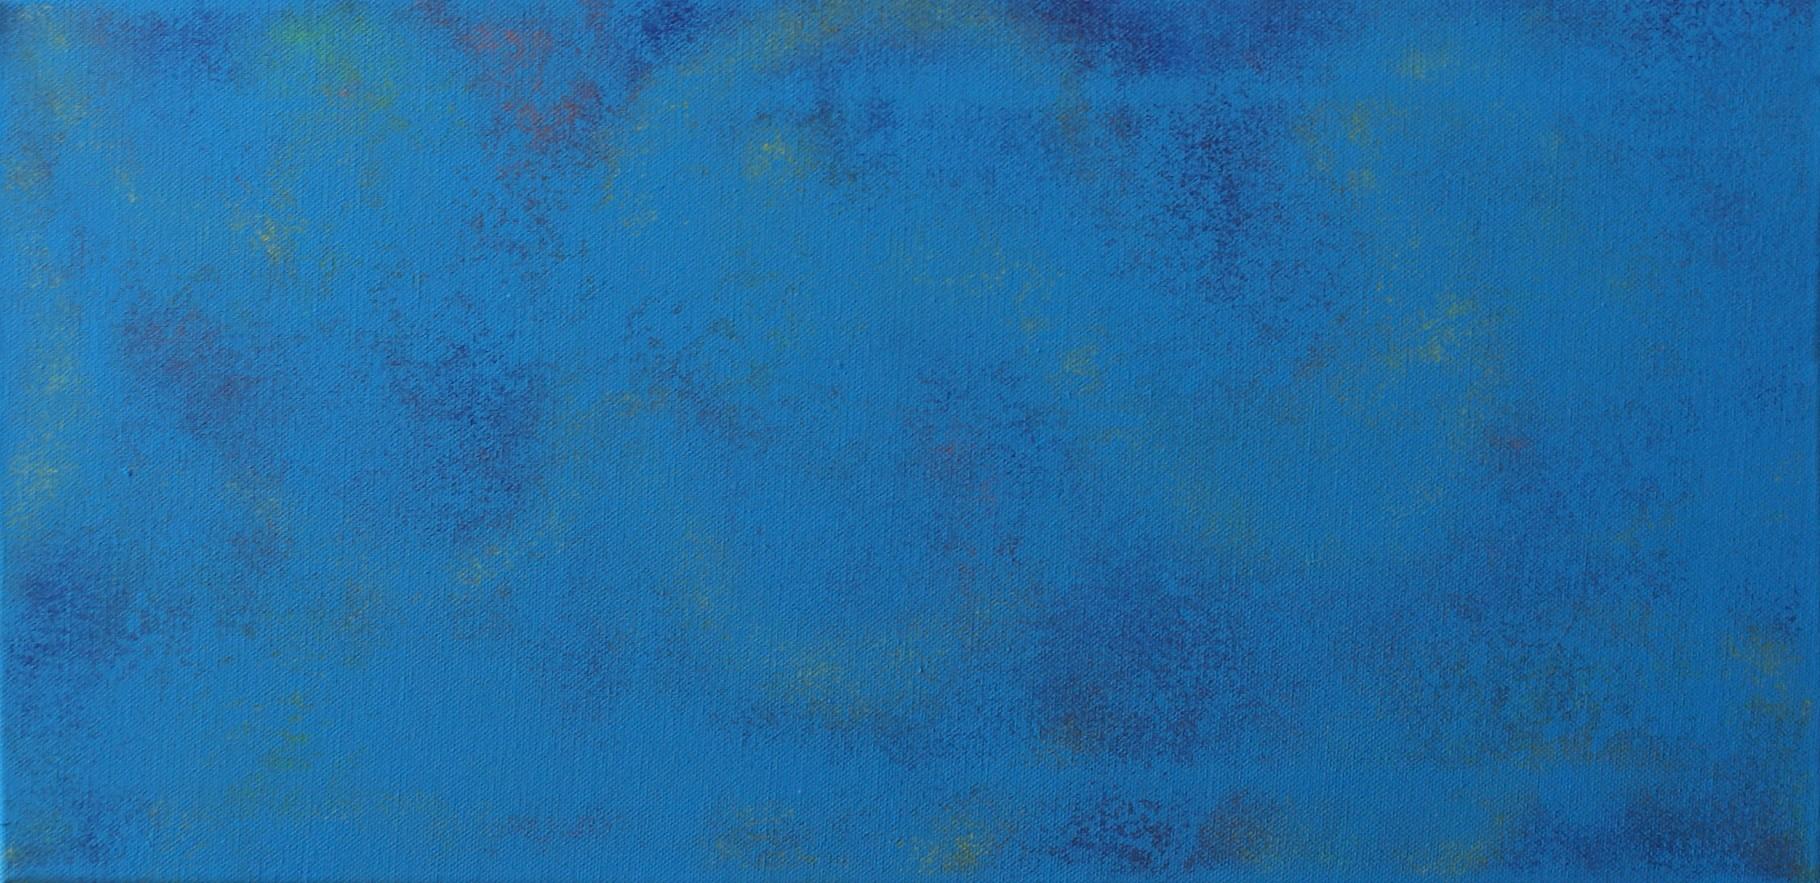 Träumerei - 30 x 60  - Acryl auf Leinwand